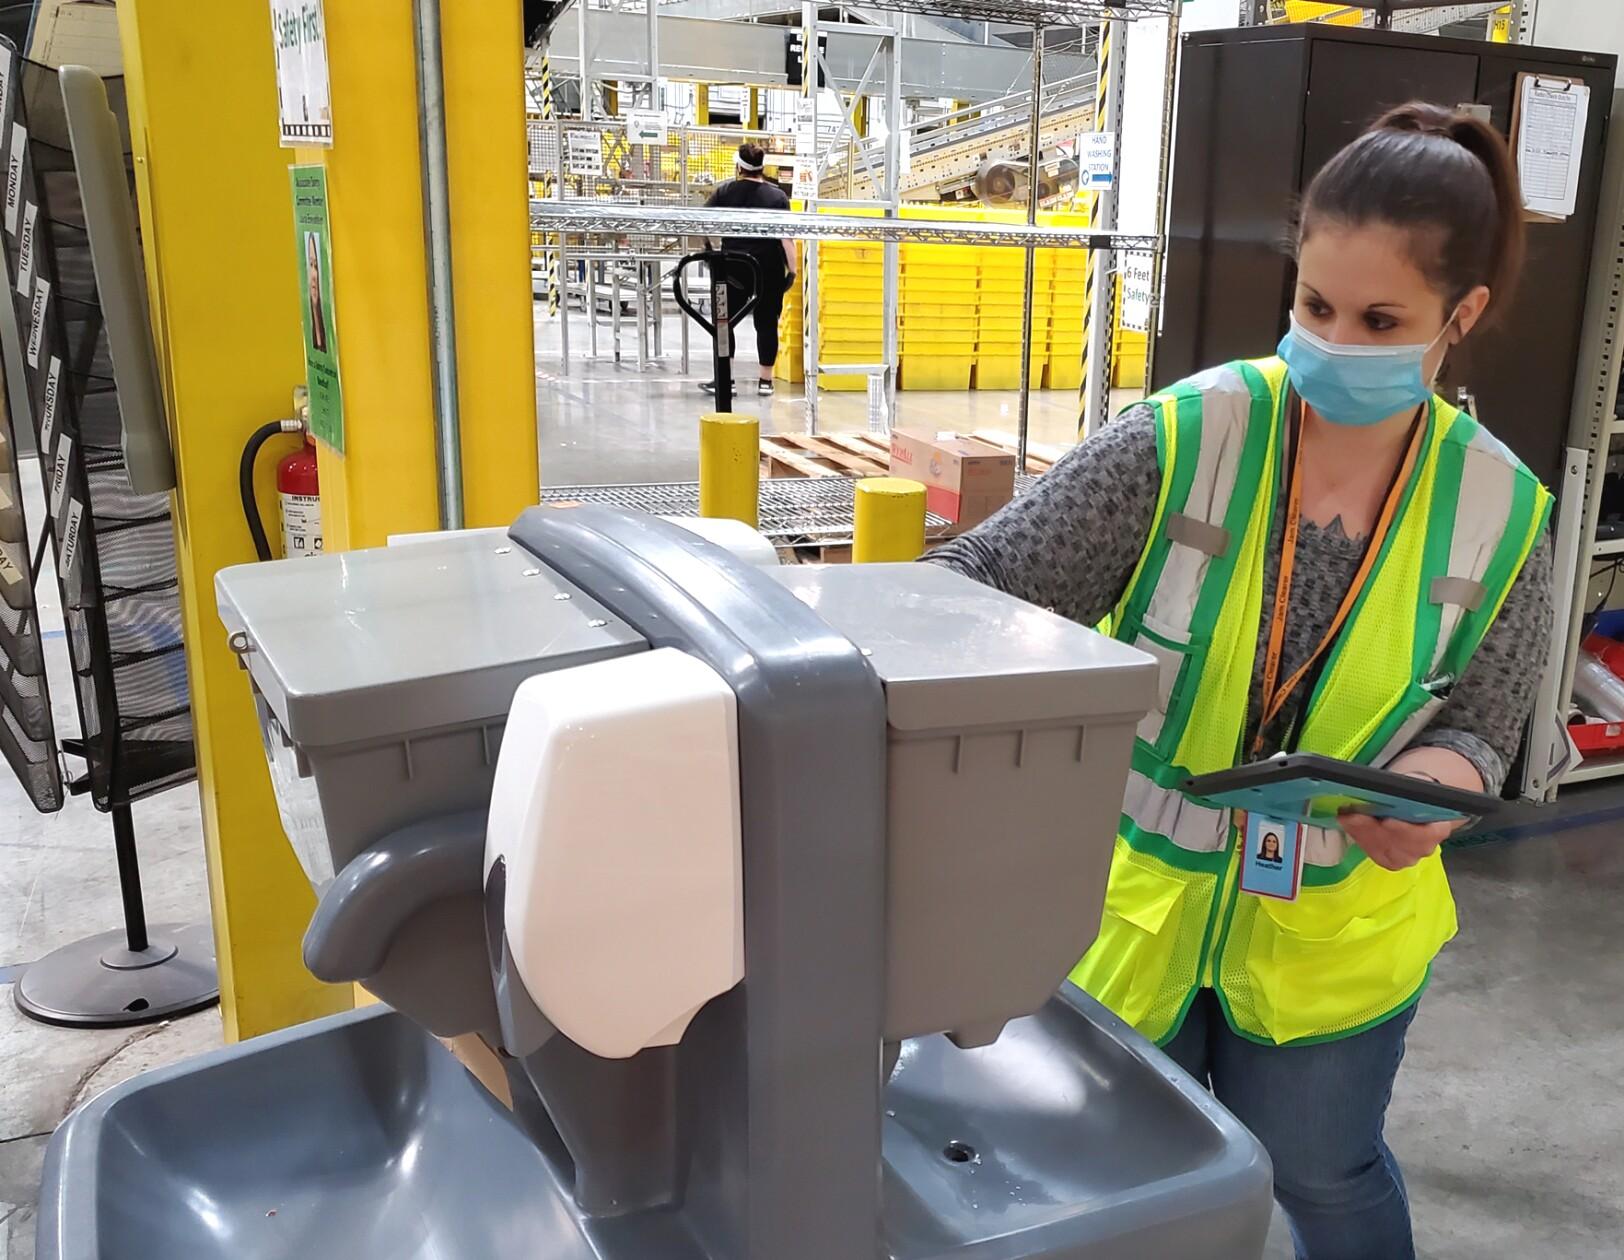 Amazon women workers